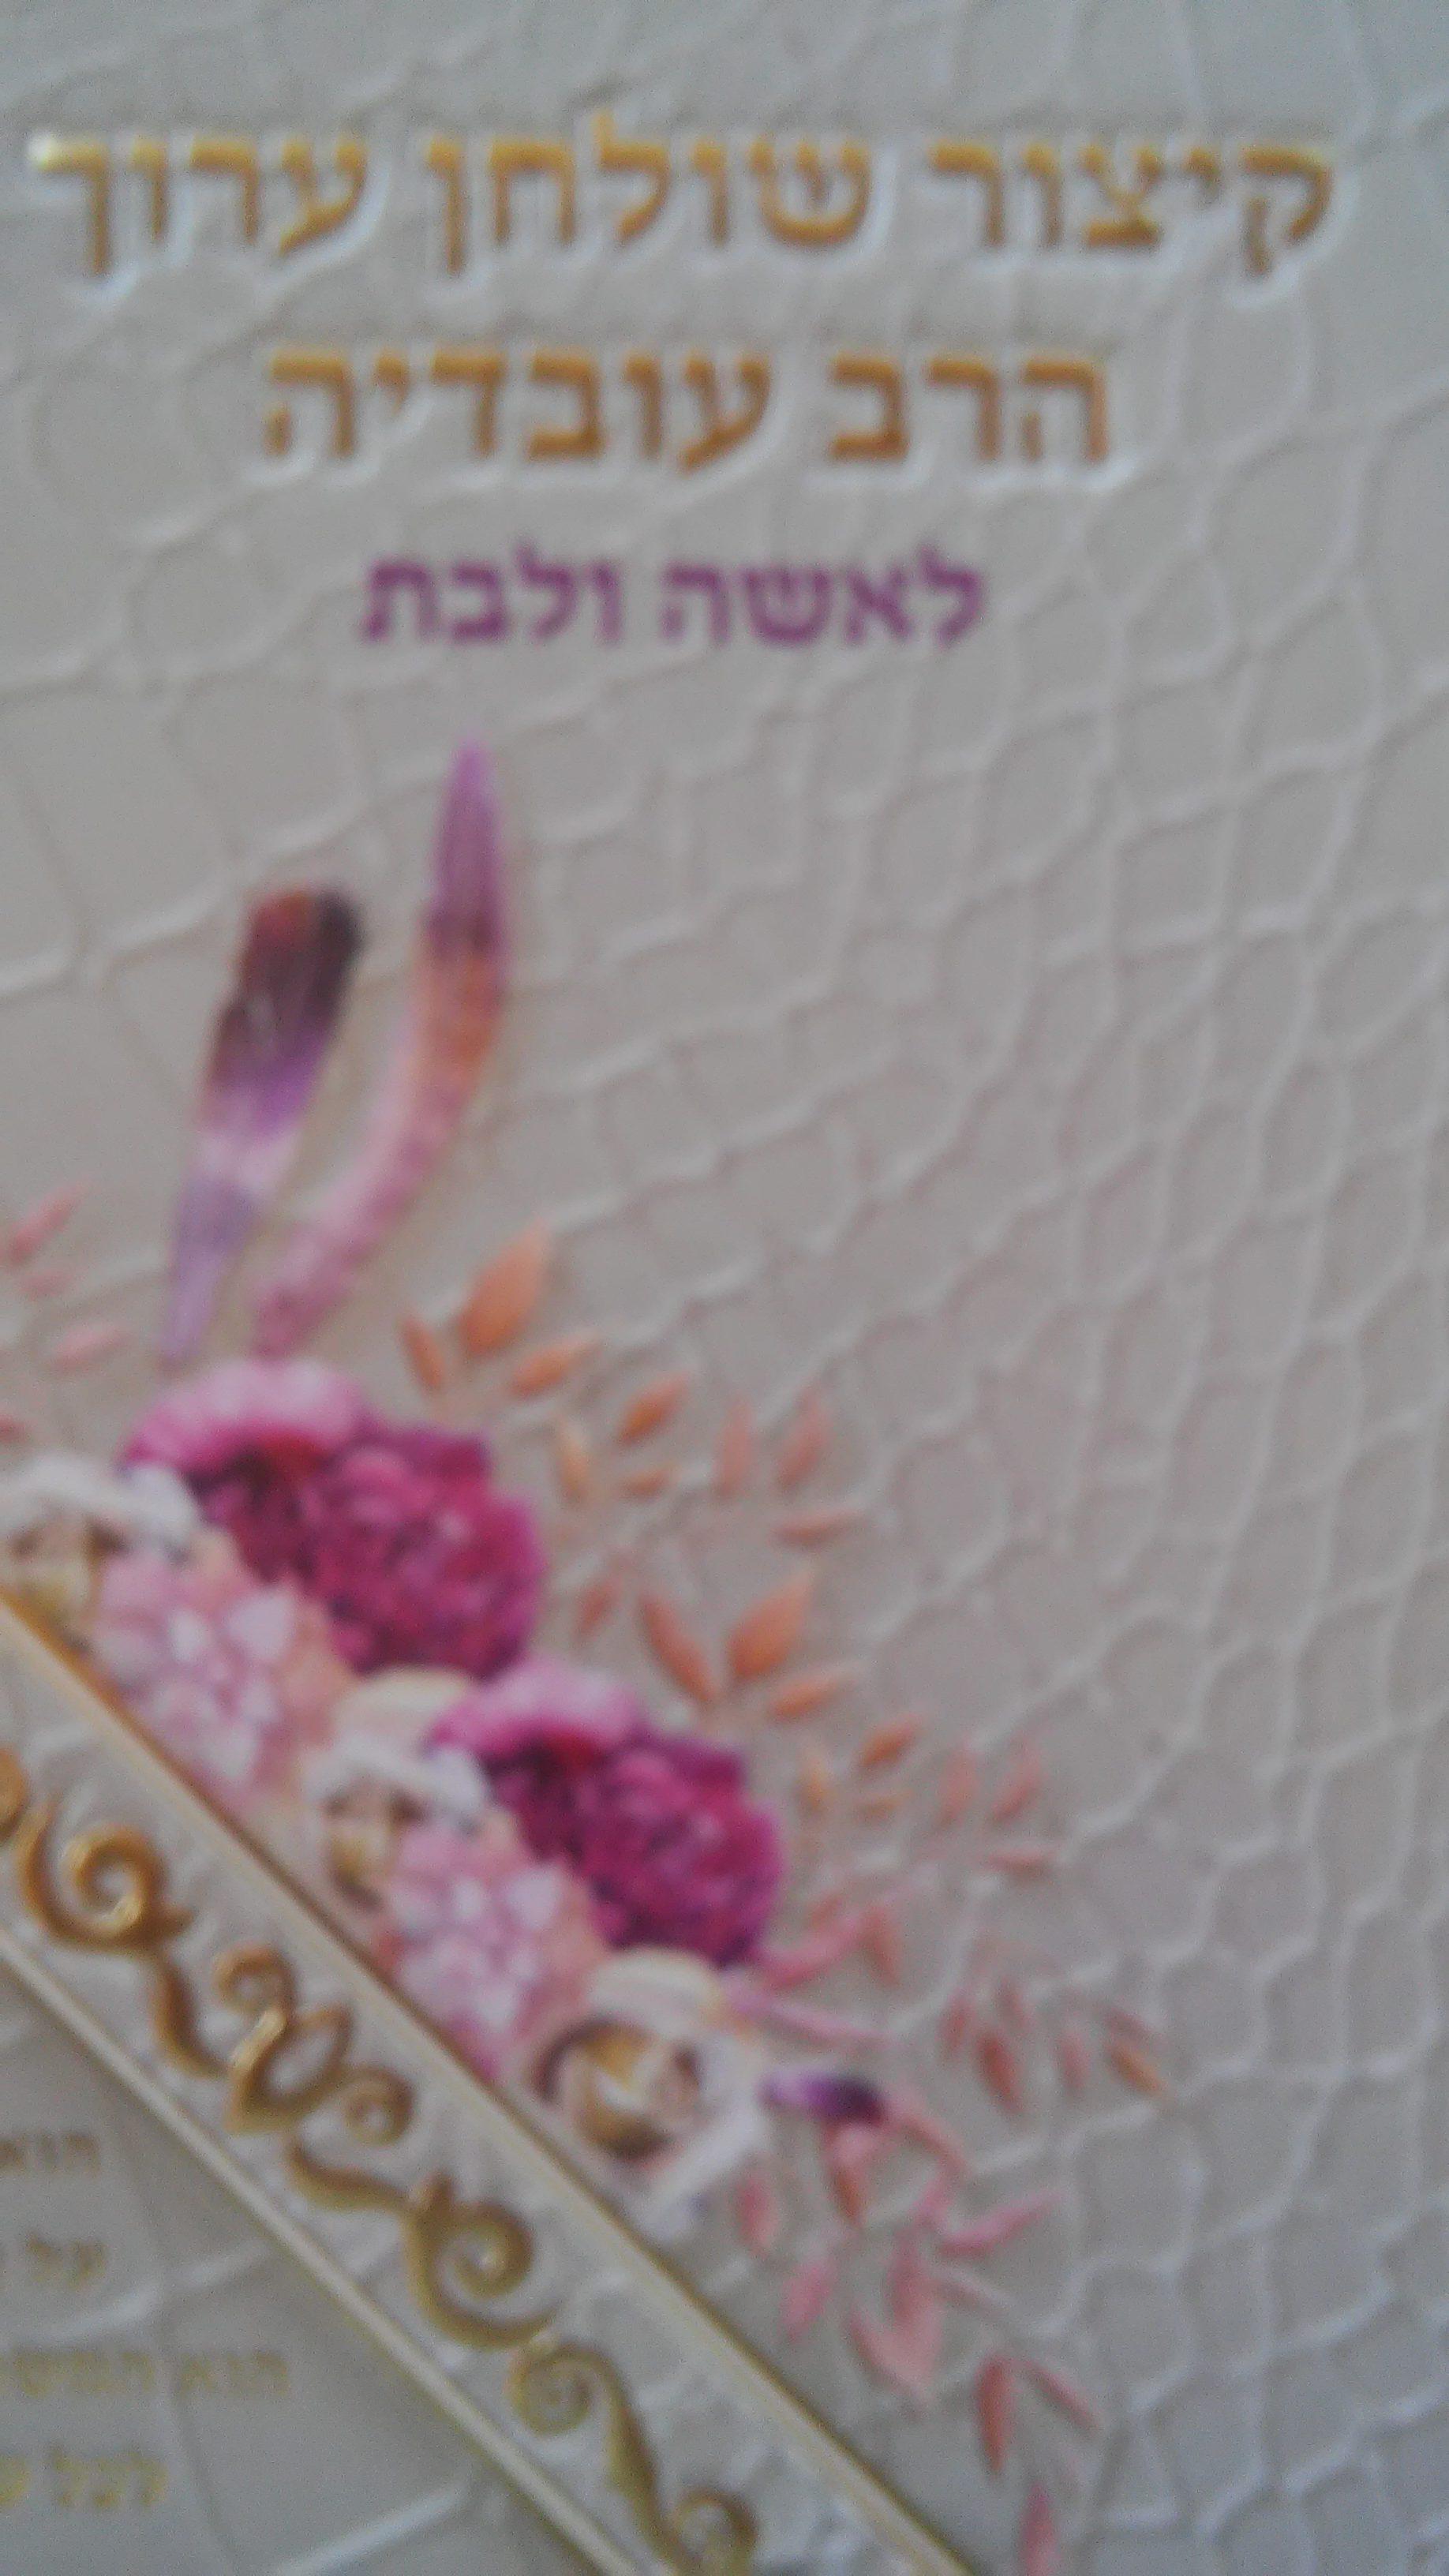 קיצור שולחן ערוןך -לבת ישראל